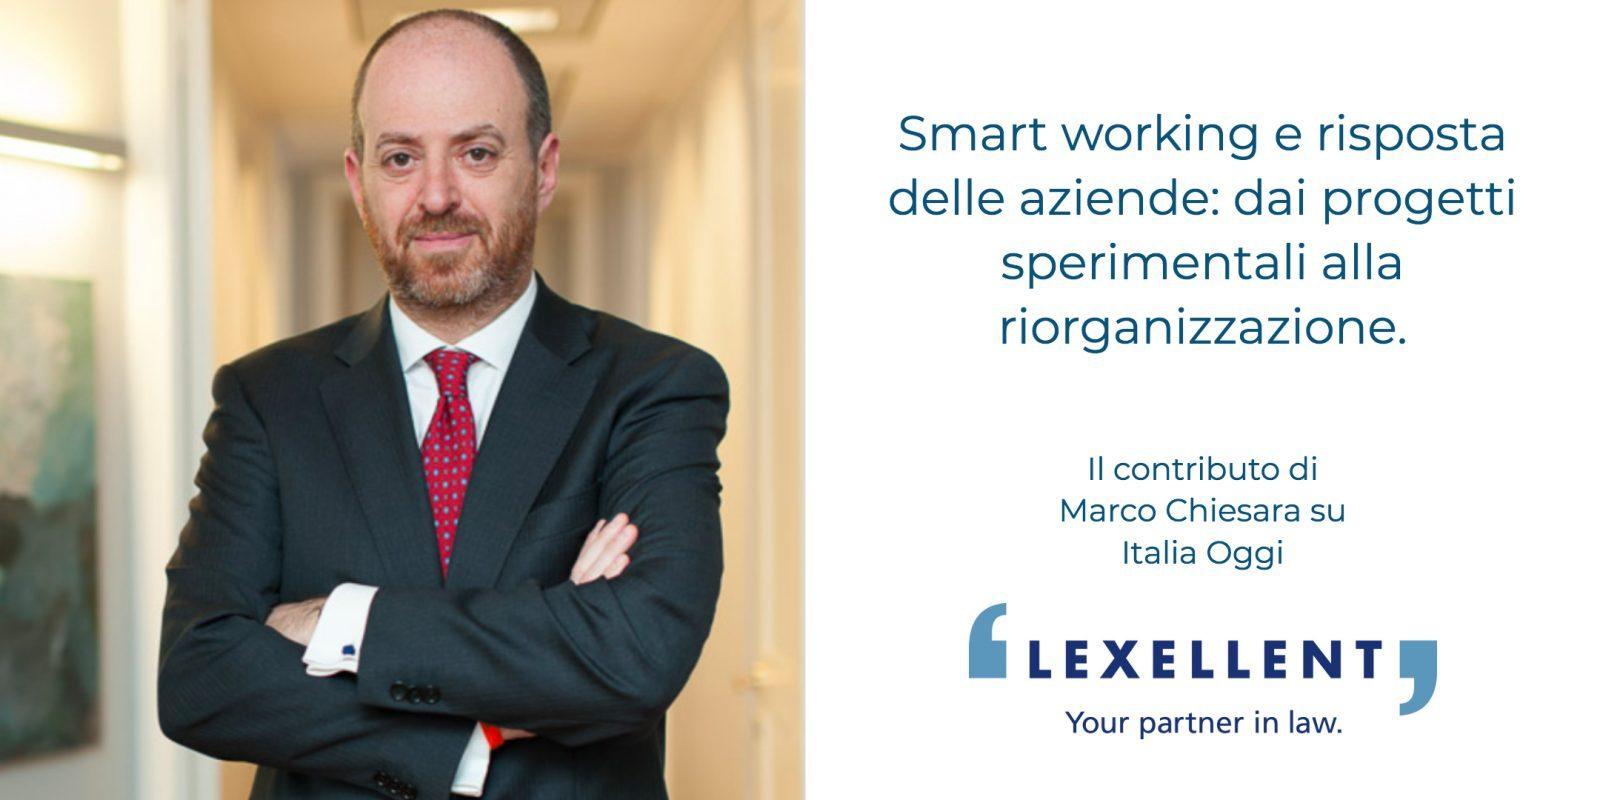 Occorre affiancare le aziende nell'adozione di nuove policy – Marco Chiesara di Lexellent interviene su Italia Oggi Sette